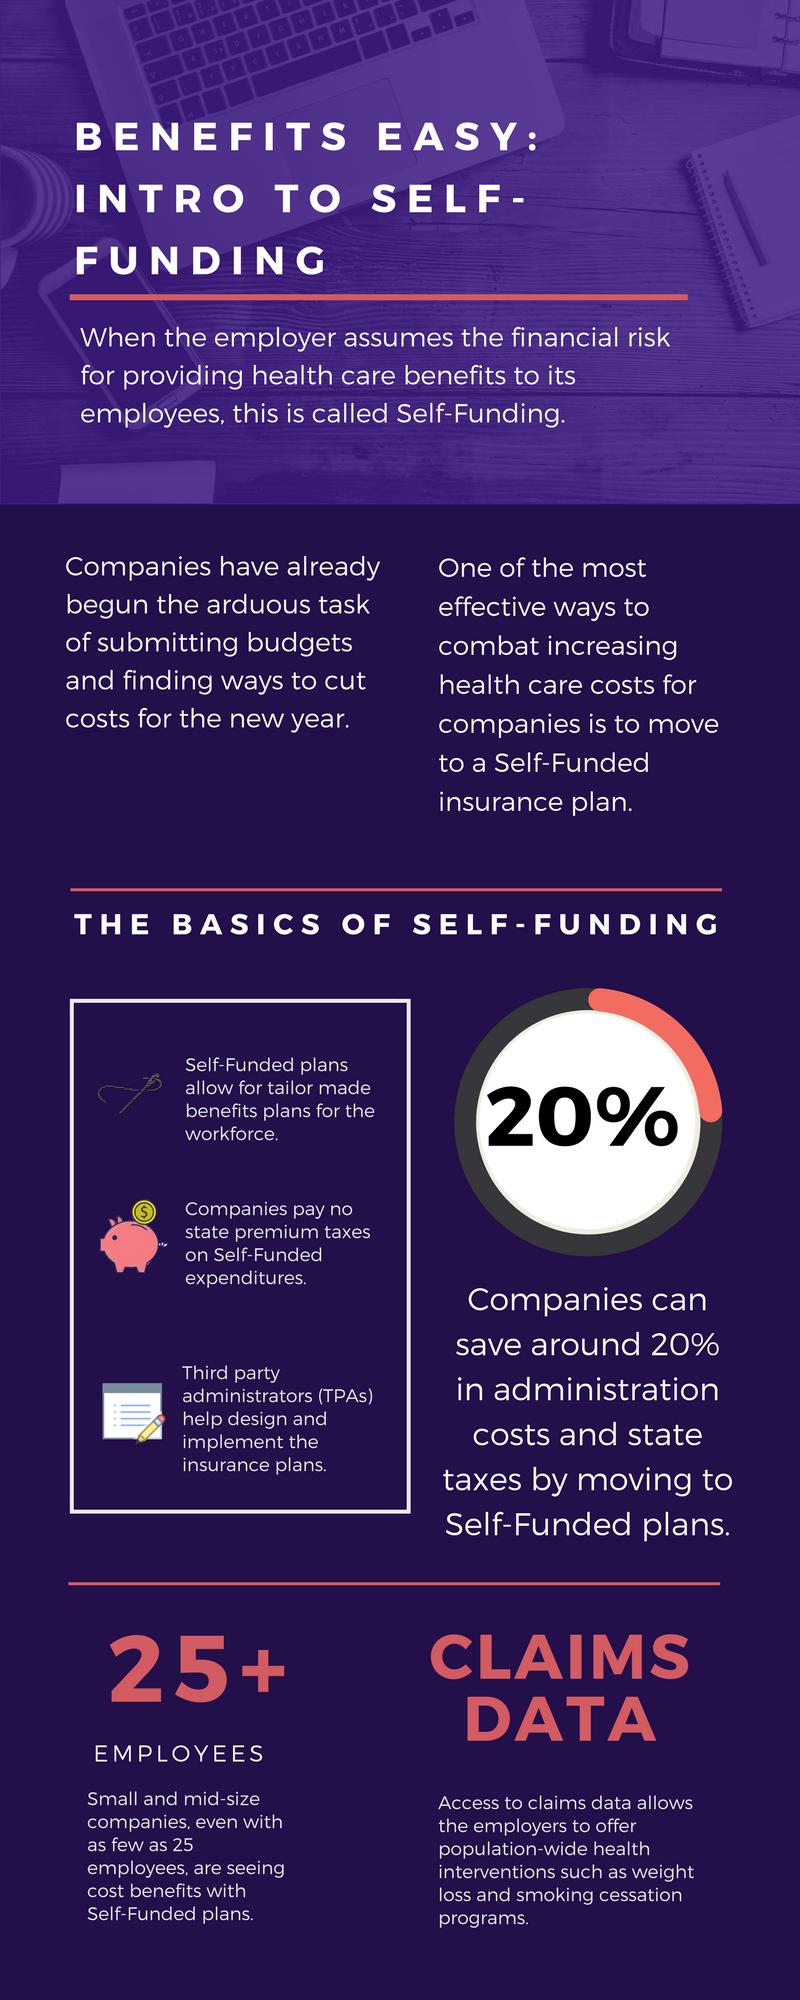 Benefits Easy: Intro to Self-Funding   Florida Employee Benefits